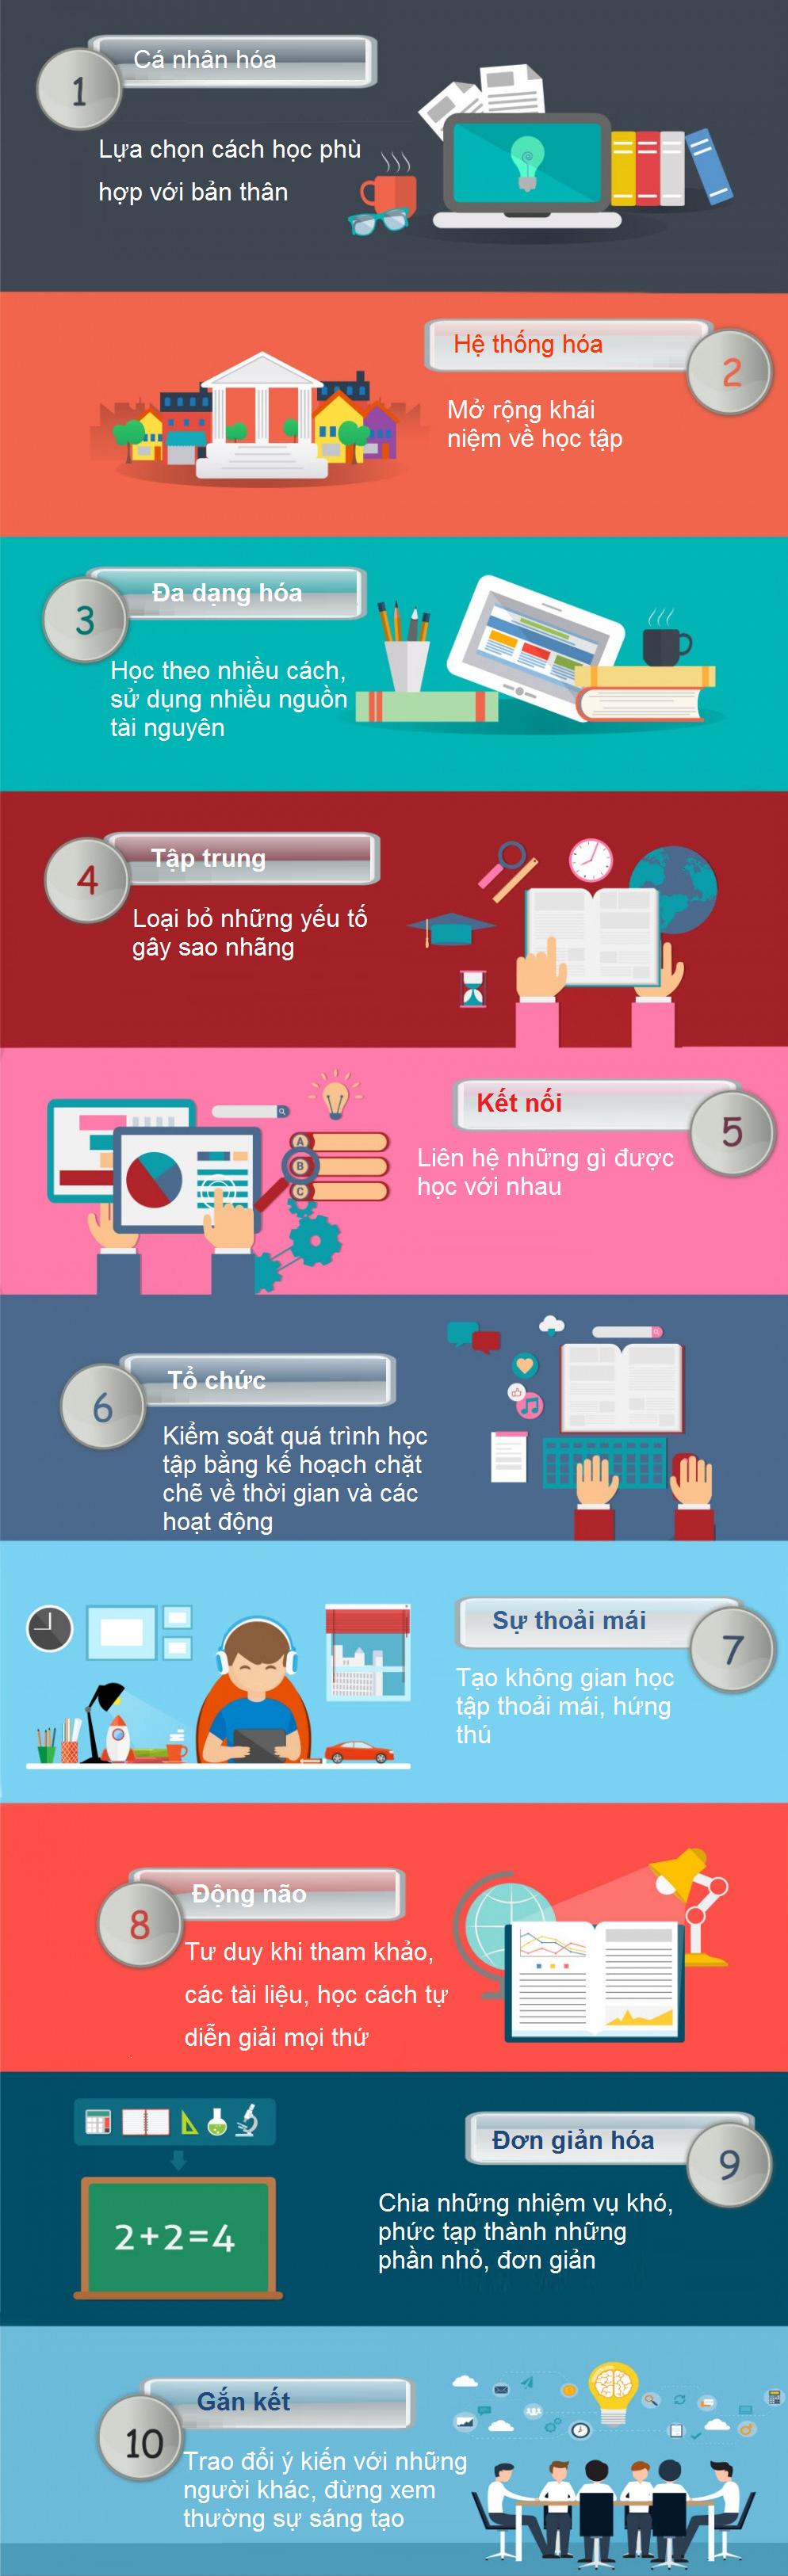 10 bí quyết học Online